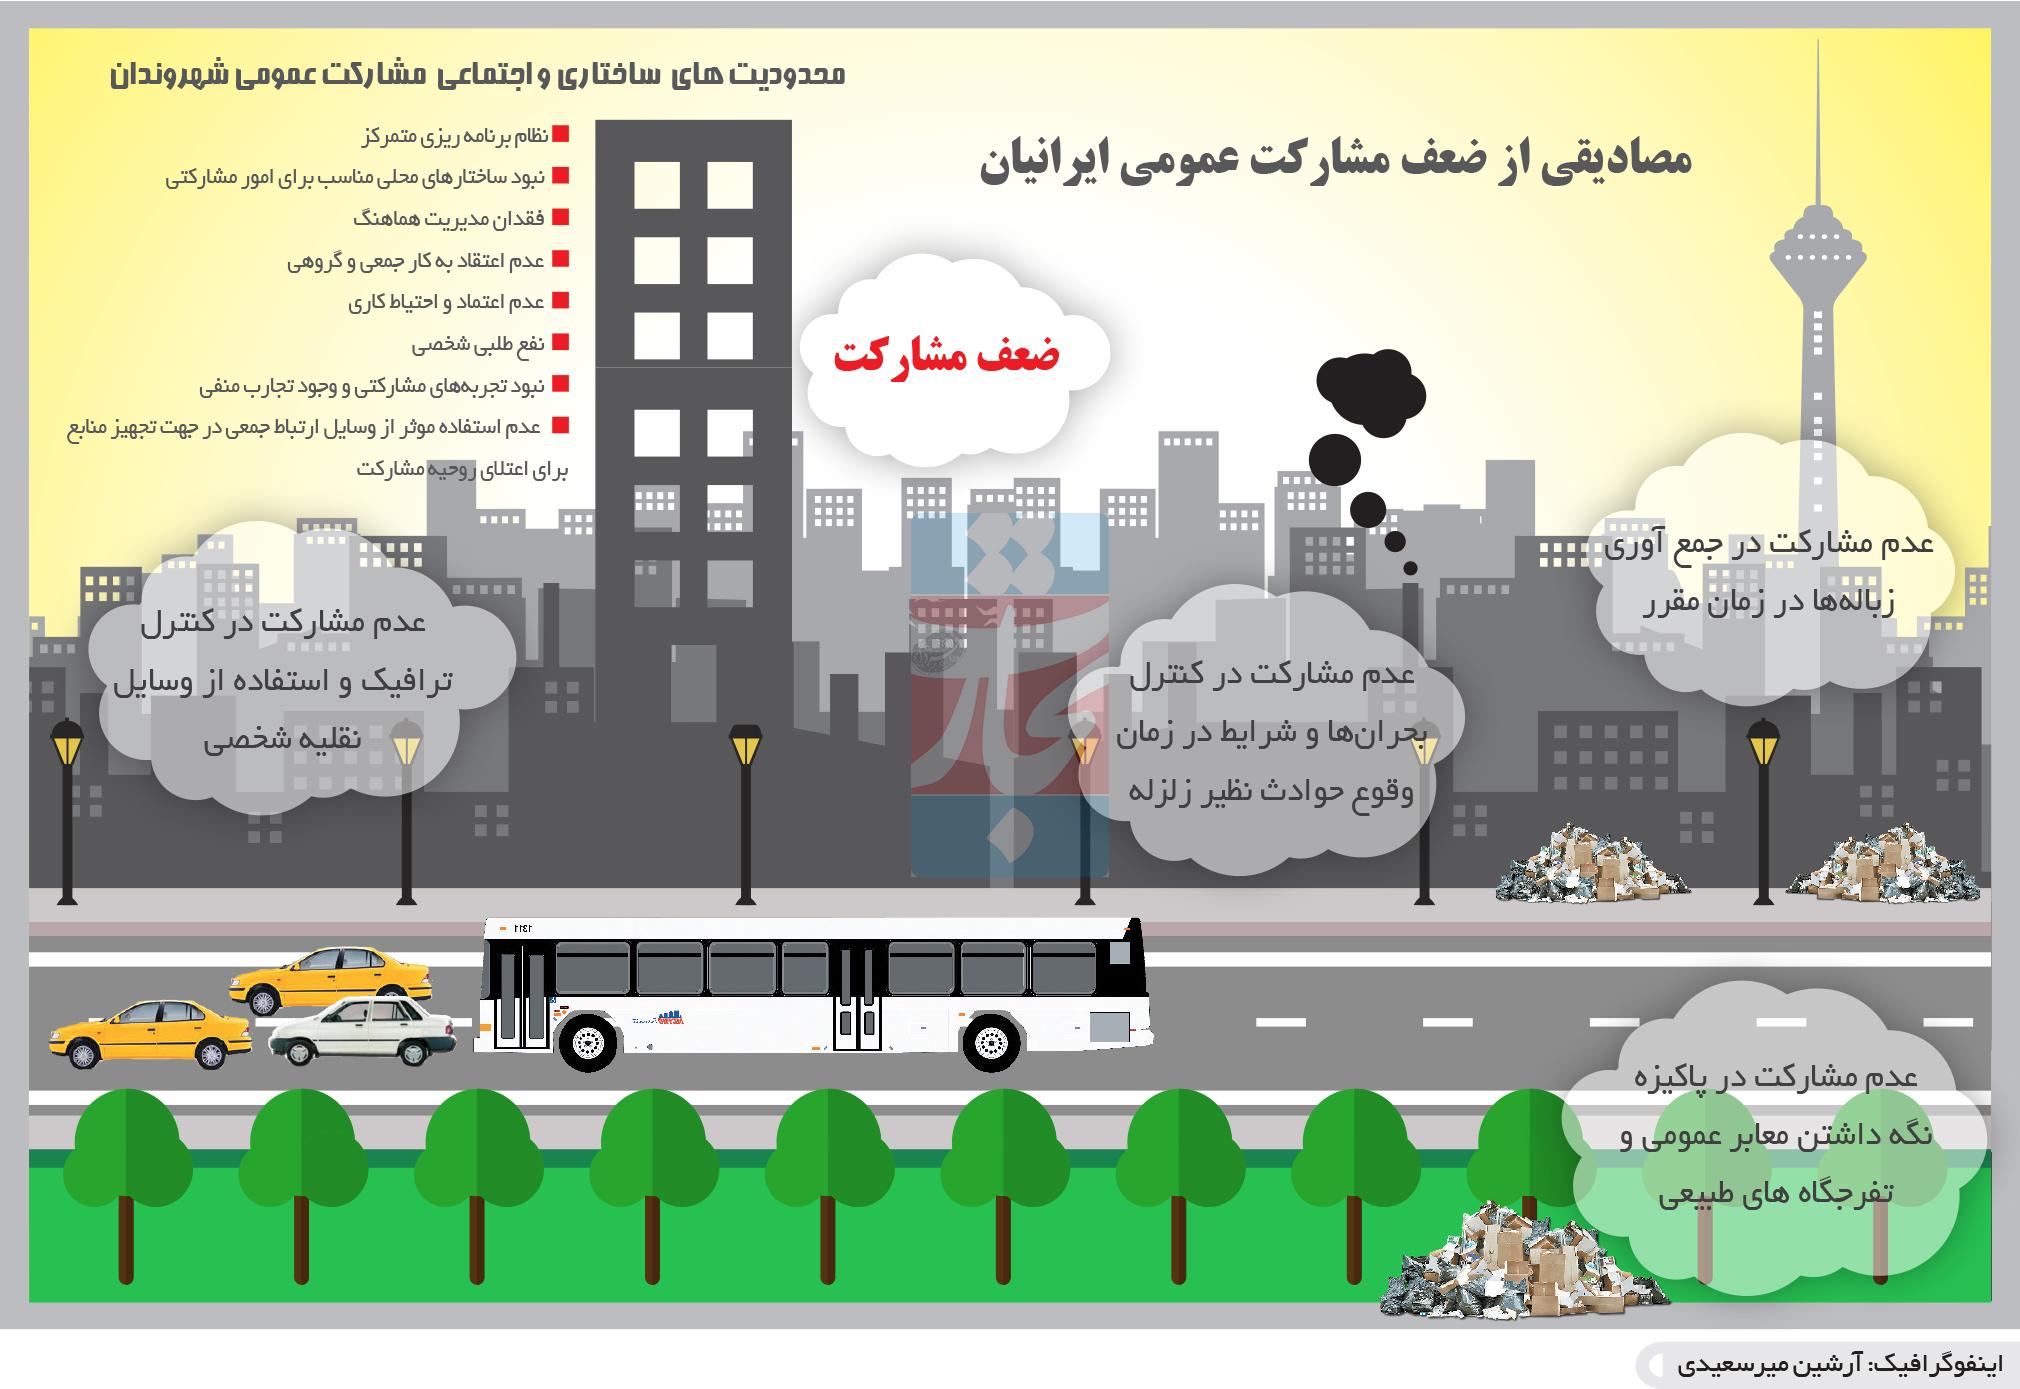 تجارت- فردا- مصادیقی از ضعف مشارکت عمومی ایرانیان(اینفوگرافیک)